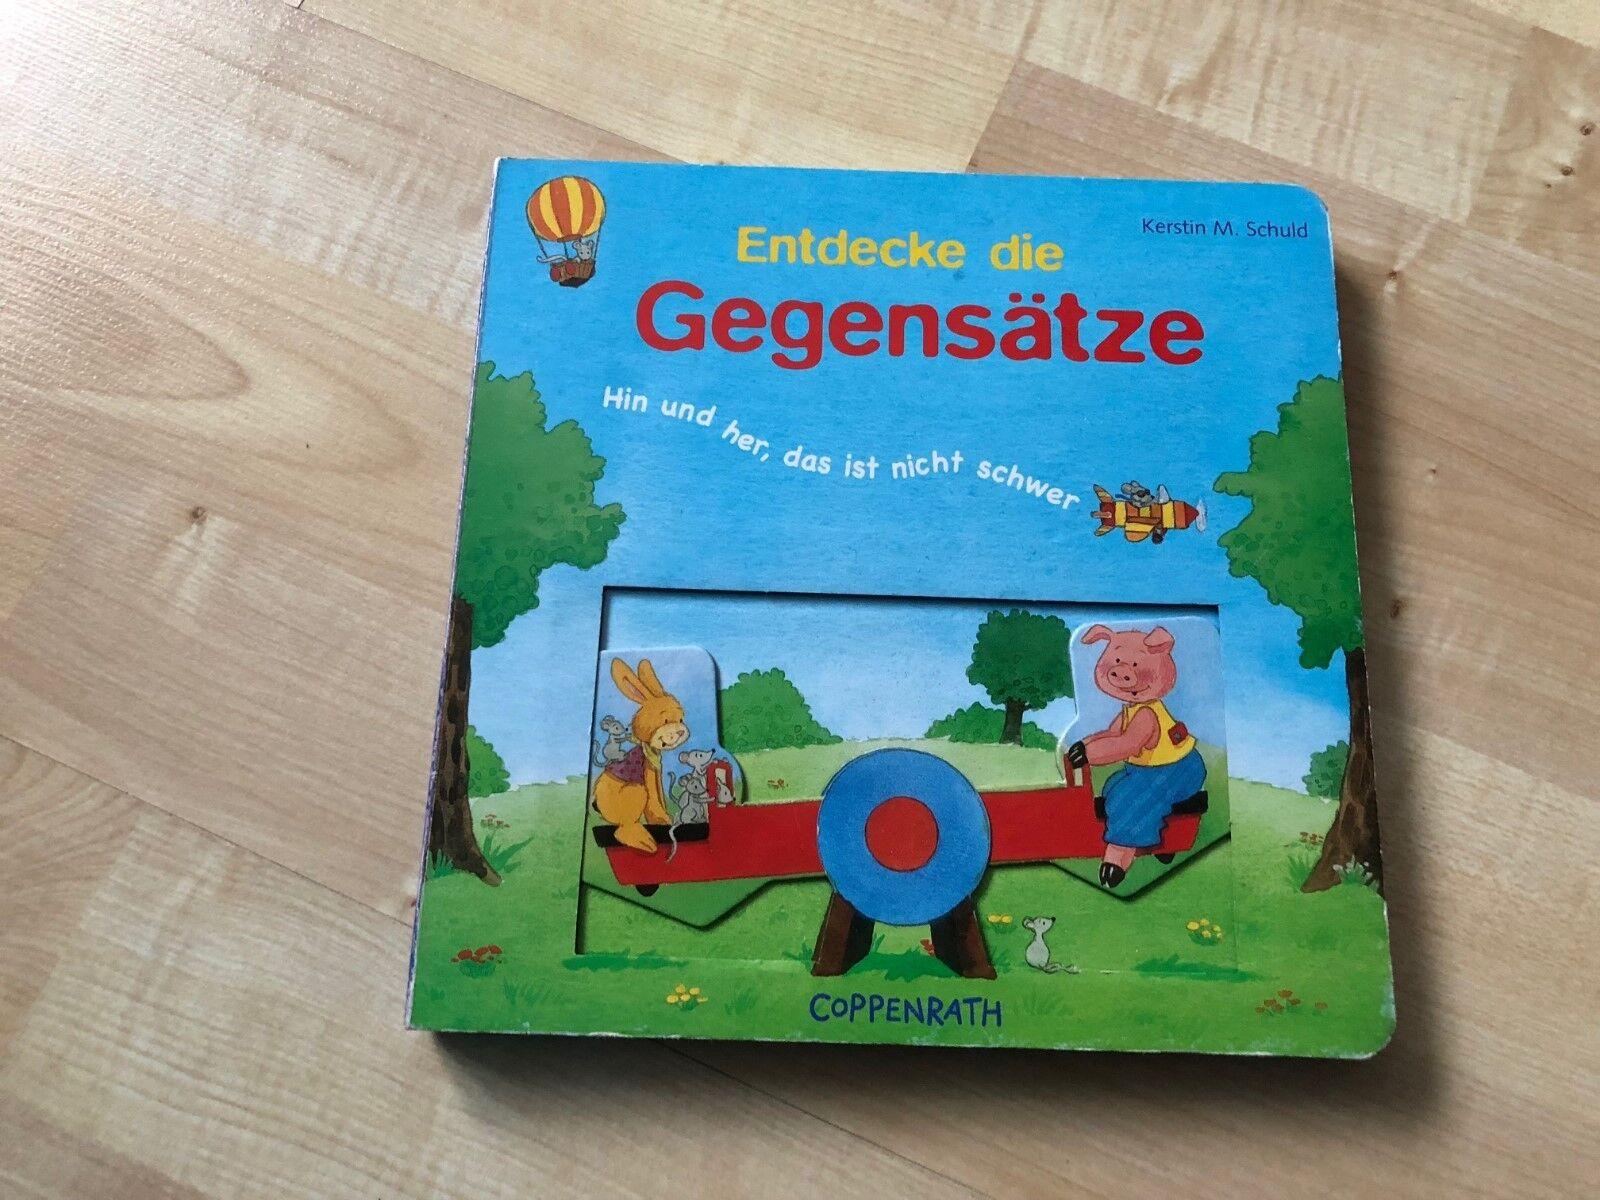 Kinderbuch - Entdecke die Gegensätze von Kerstin M. Schuld